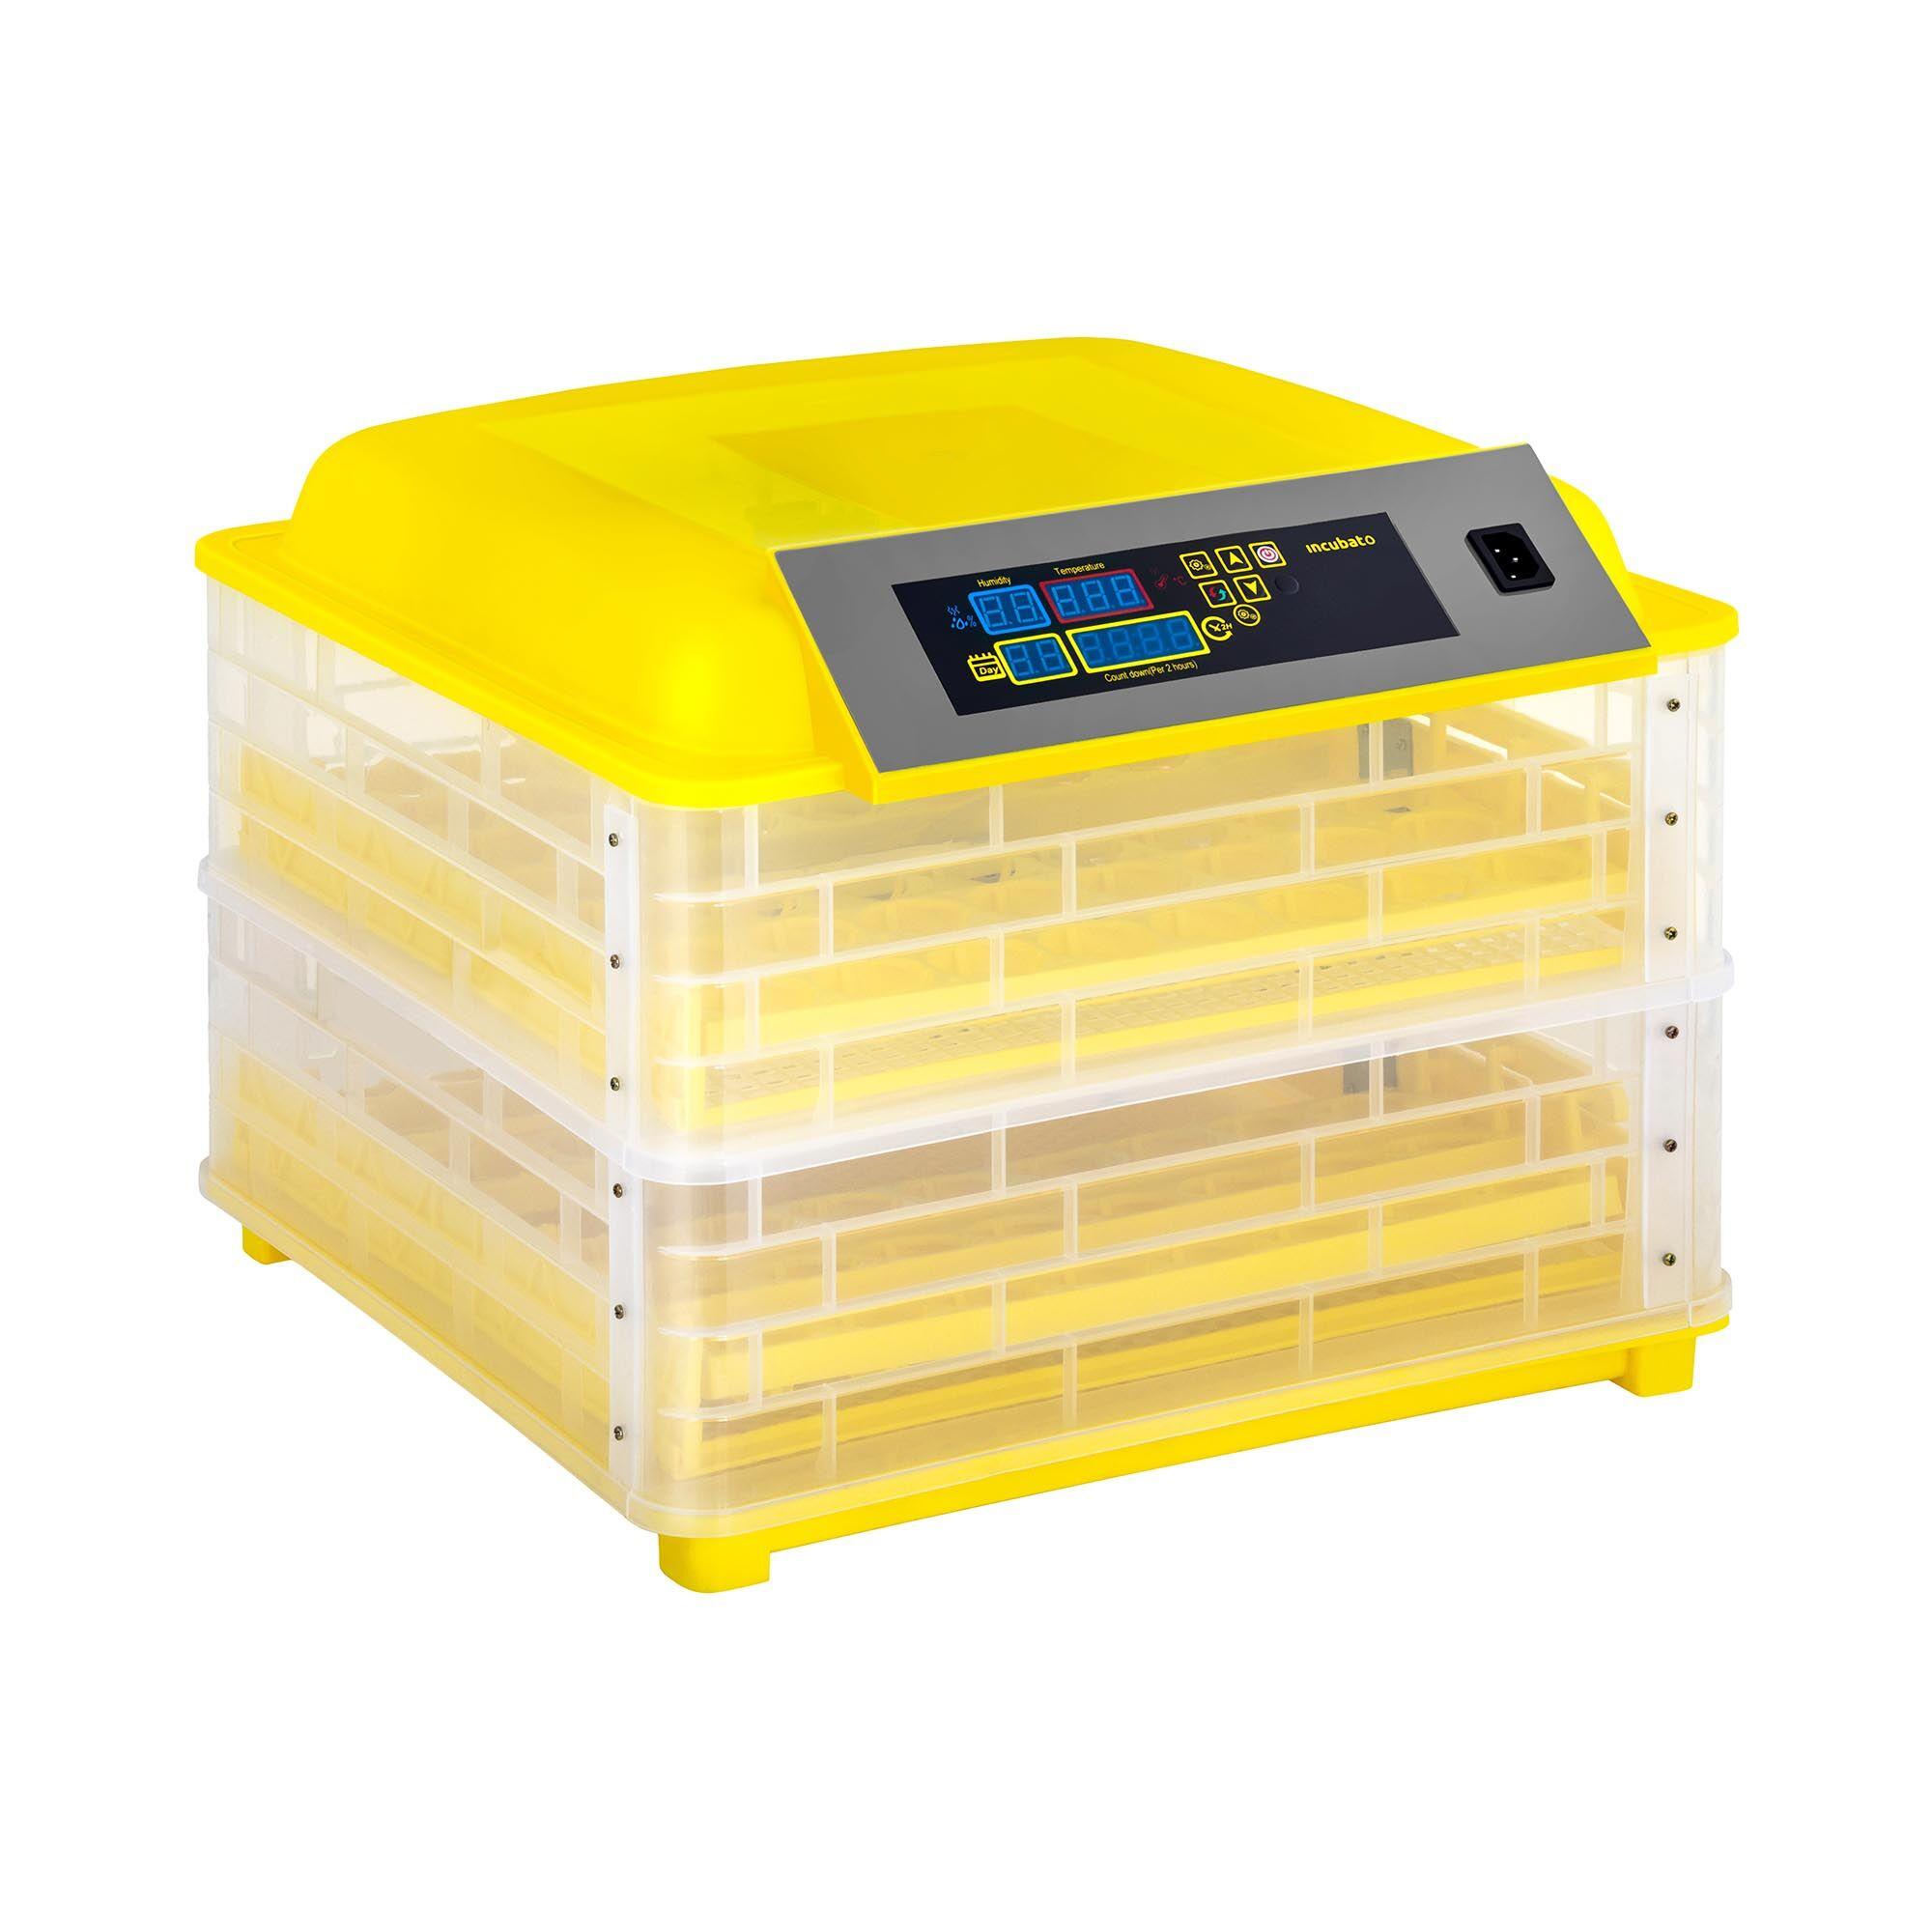 incubato Couveuse à œufs - 112 œufs - Mire-œuf inclus- Entièrement automatique IN-112DDI